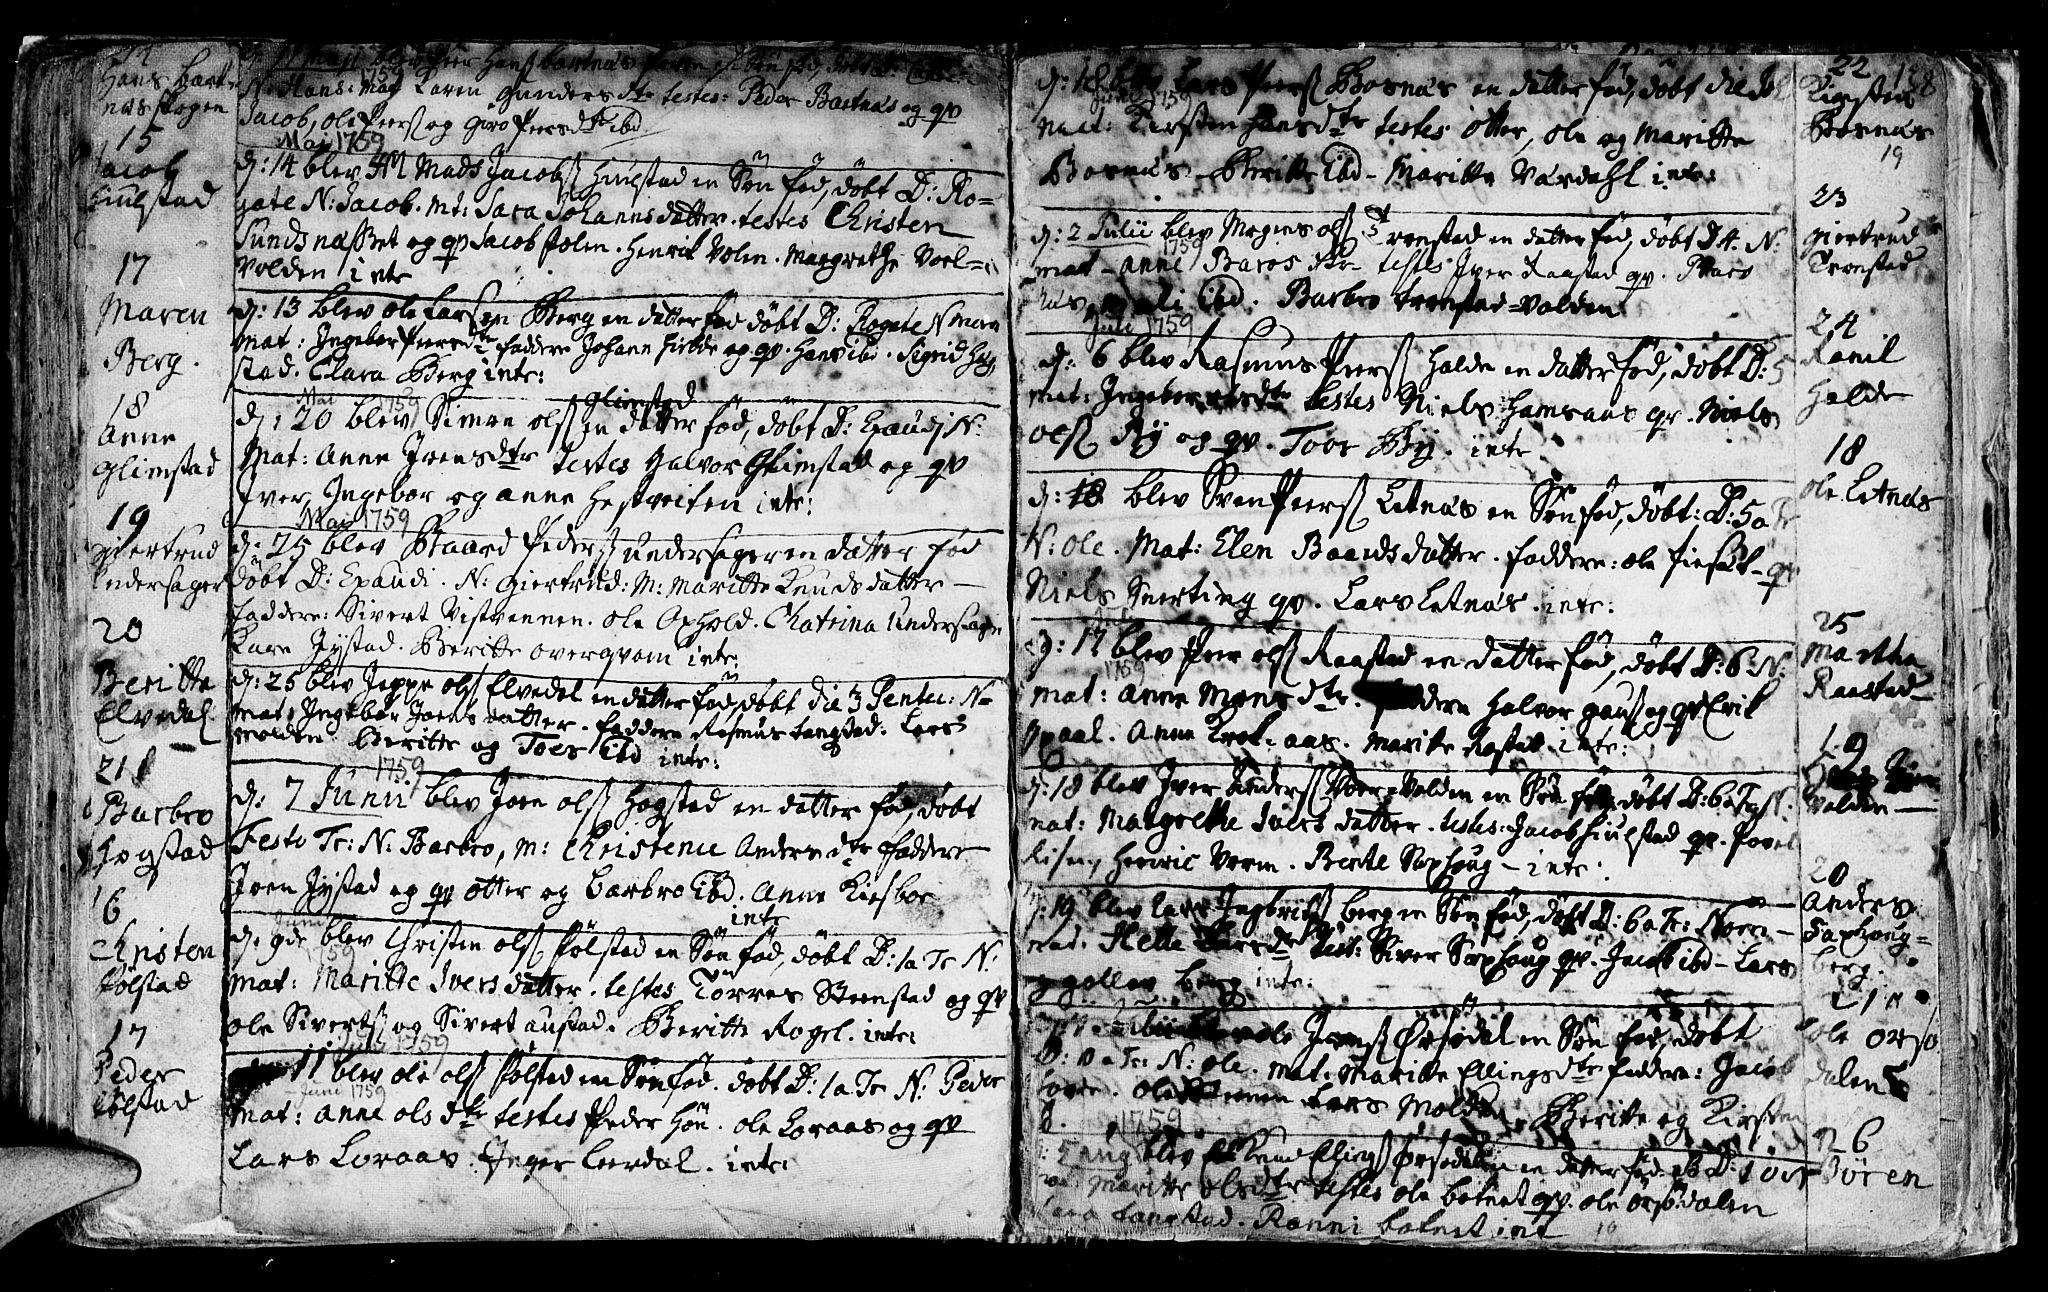 SAT, Ministerialprotokoller, klokkerbøker og fødselsregistre - Nord-Trøndelag, 730/L0272: Ministerialbok nr. 730A01, 1733-1764, s. 138